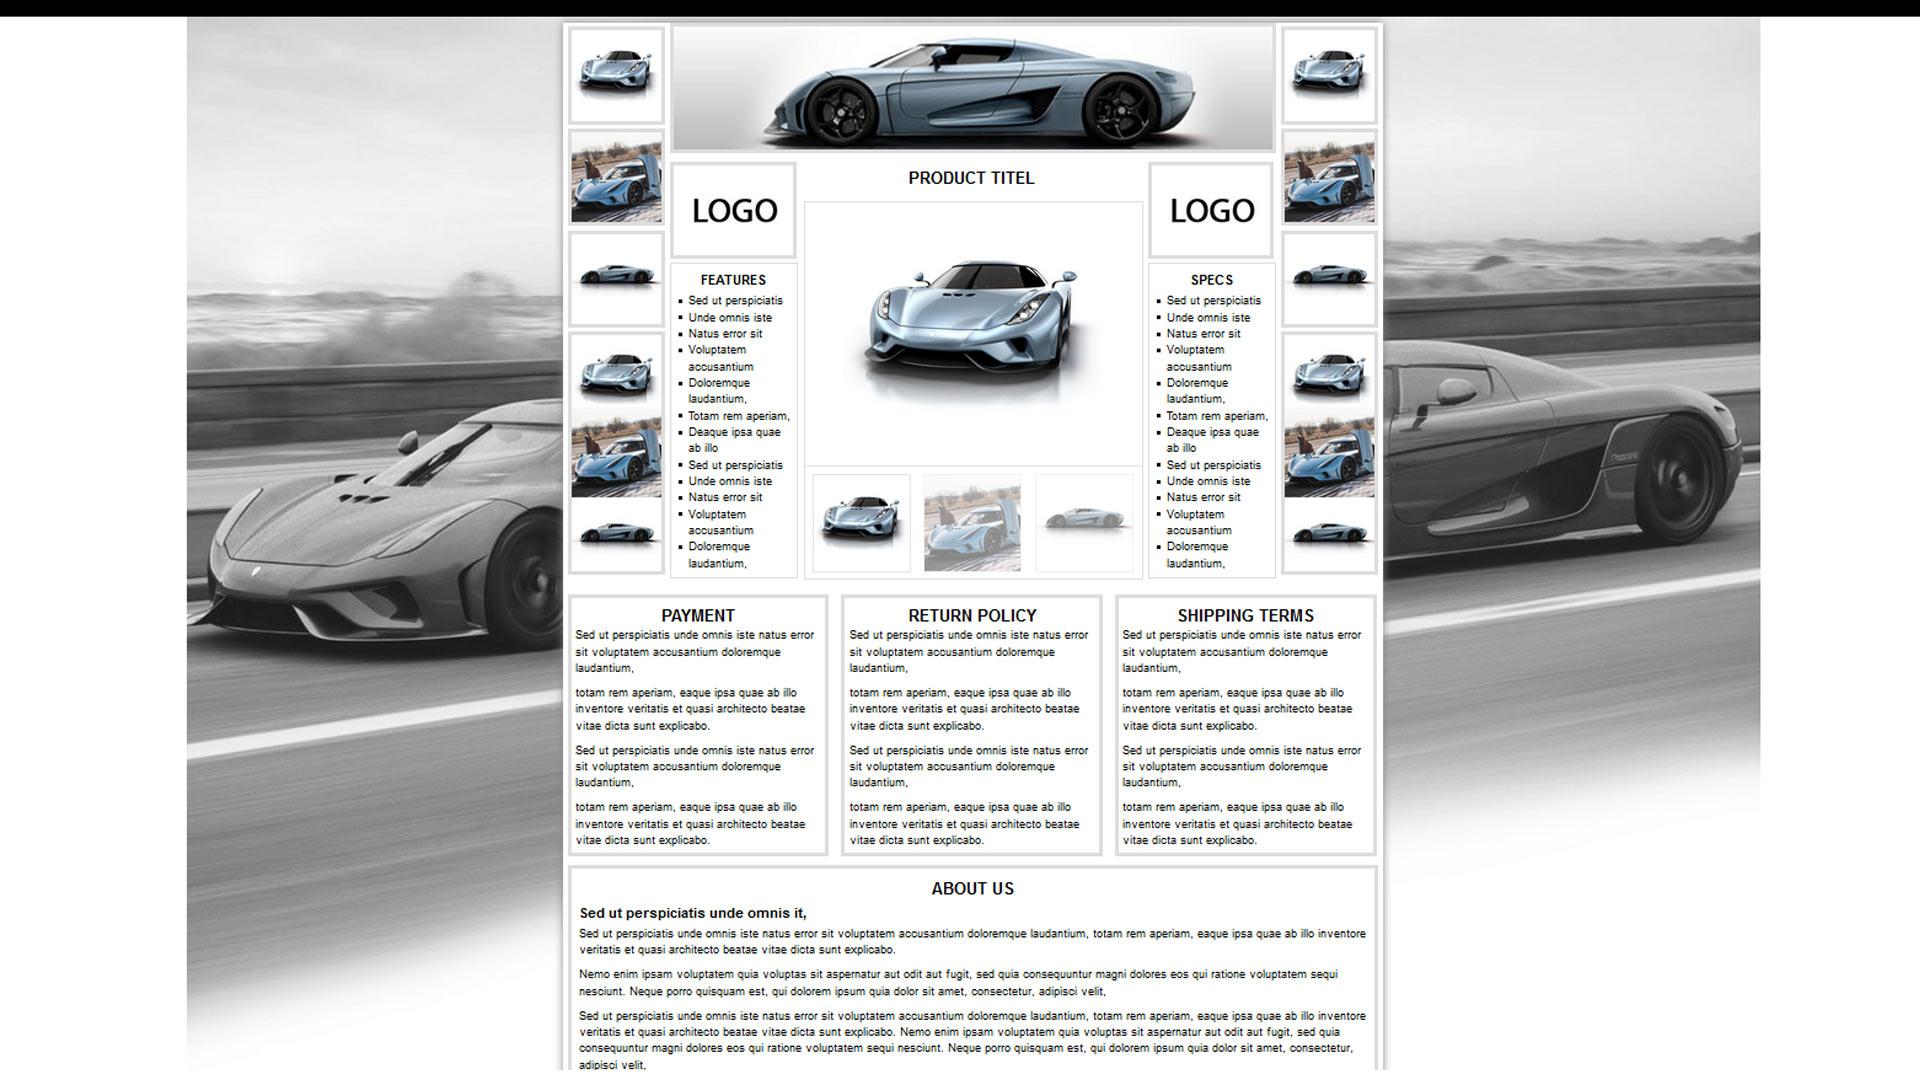 Shoplonnak listing ebay template zeinebay for Ebay template design software